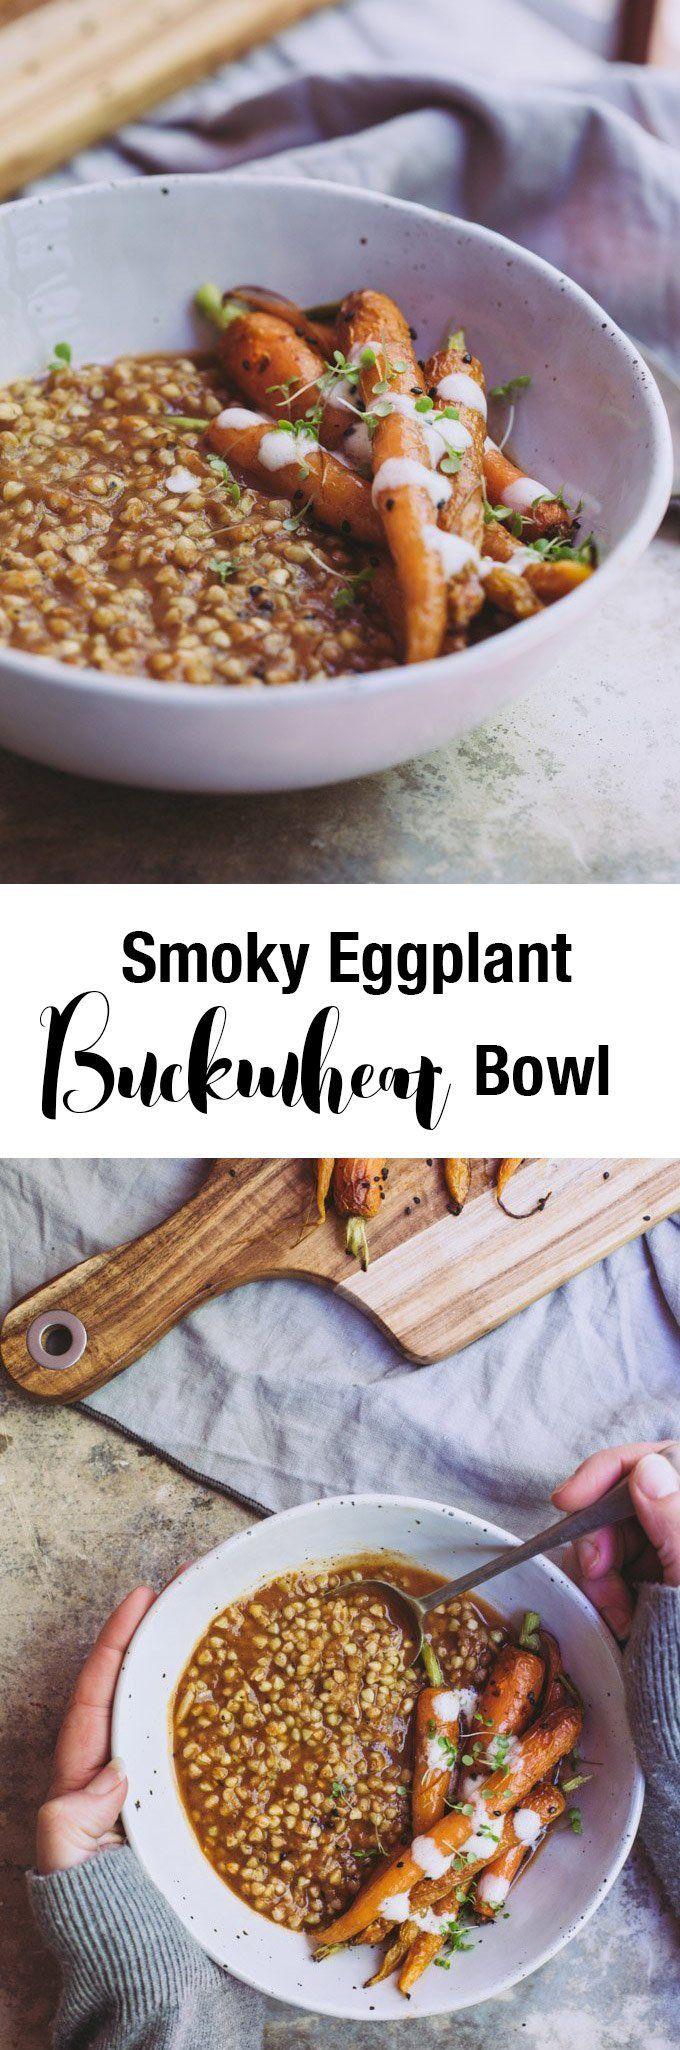 ... Eggplant on Pinterest | Eggplants, Roasted Eggplant Dip and Eggplant